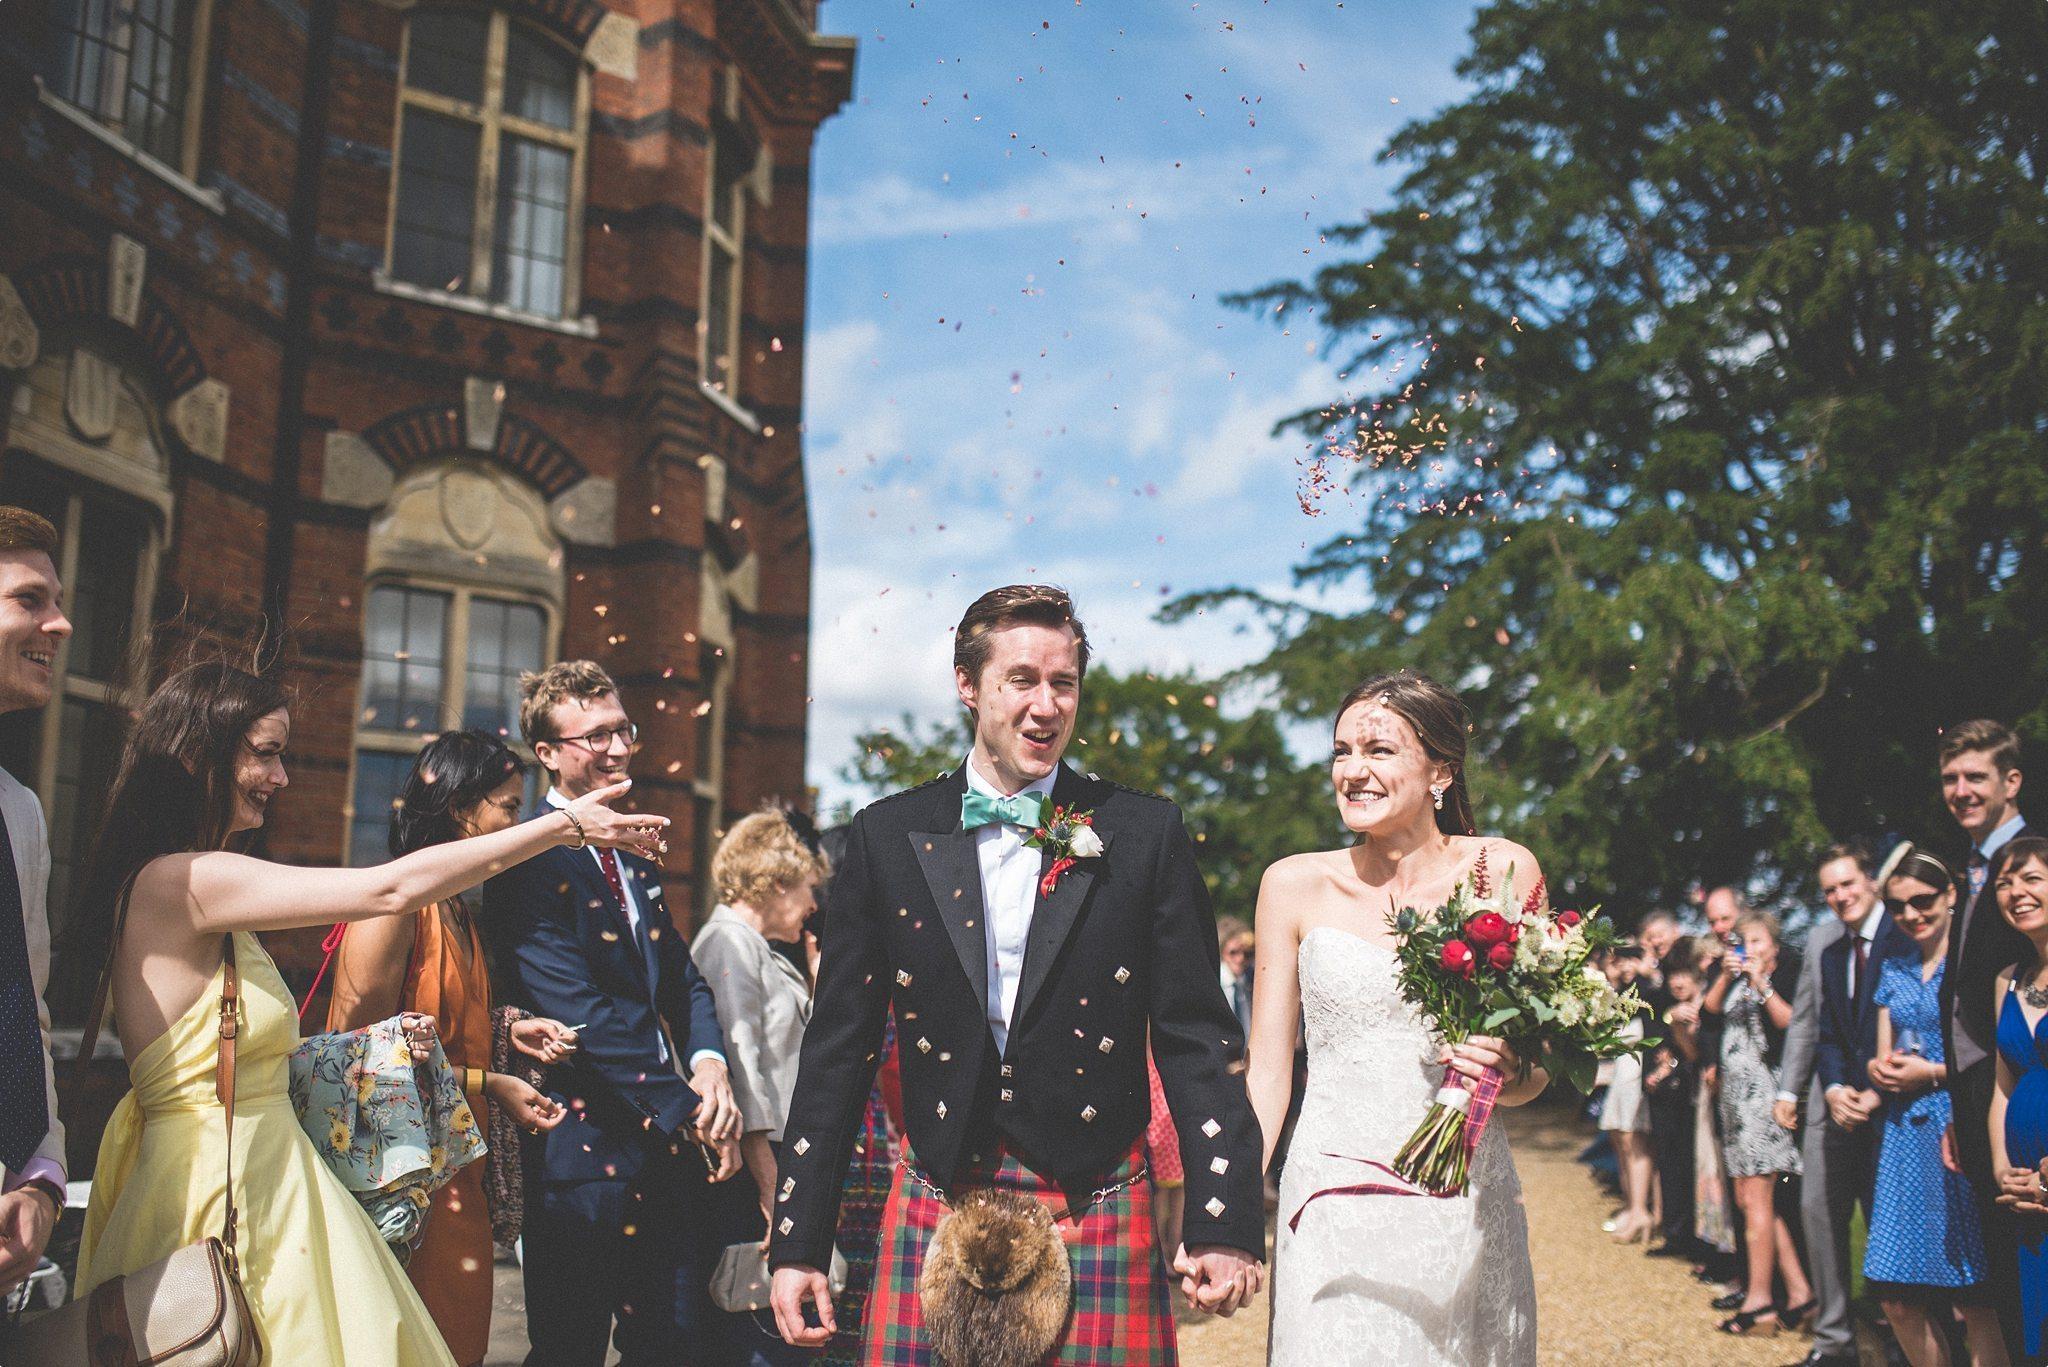 Elvetham Hotel Bride and Groom walking through wedding confetti